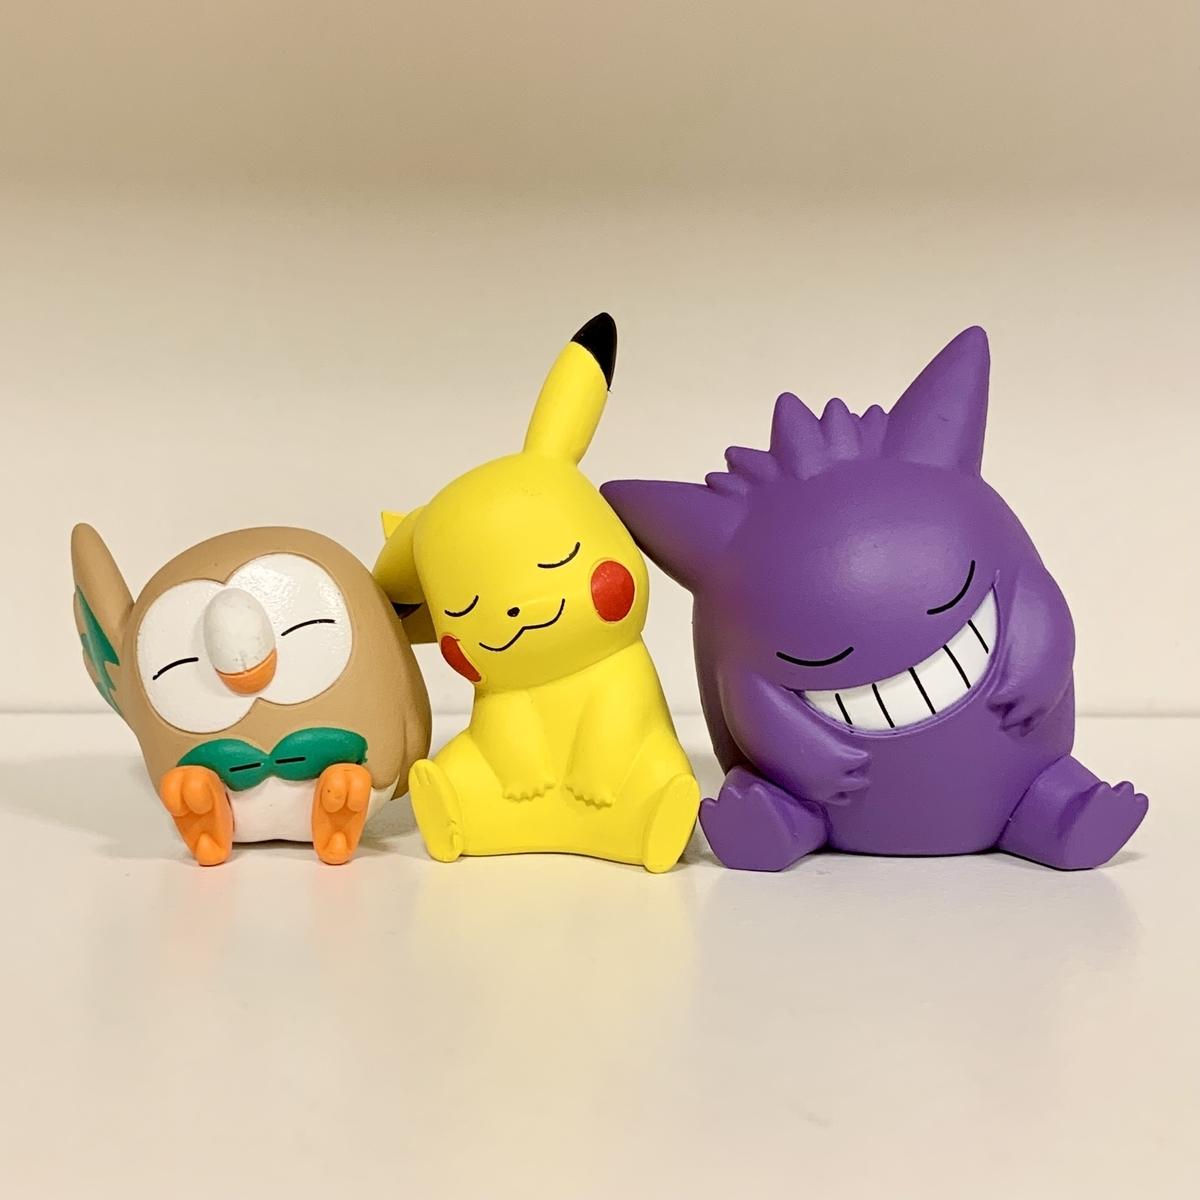 f:id:pikachu_pcn:20210728205616j:plain